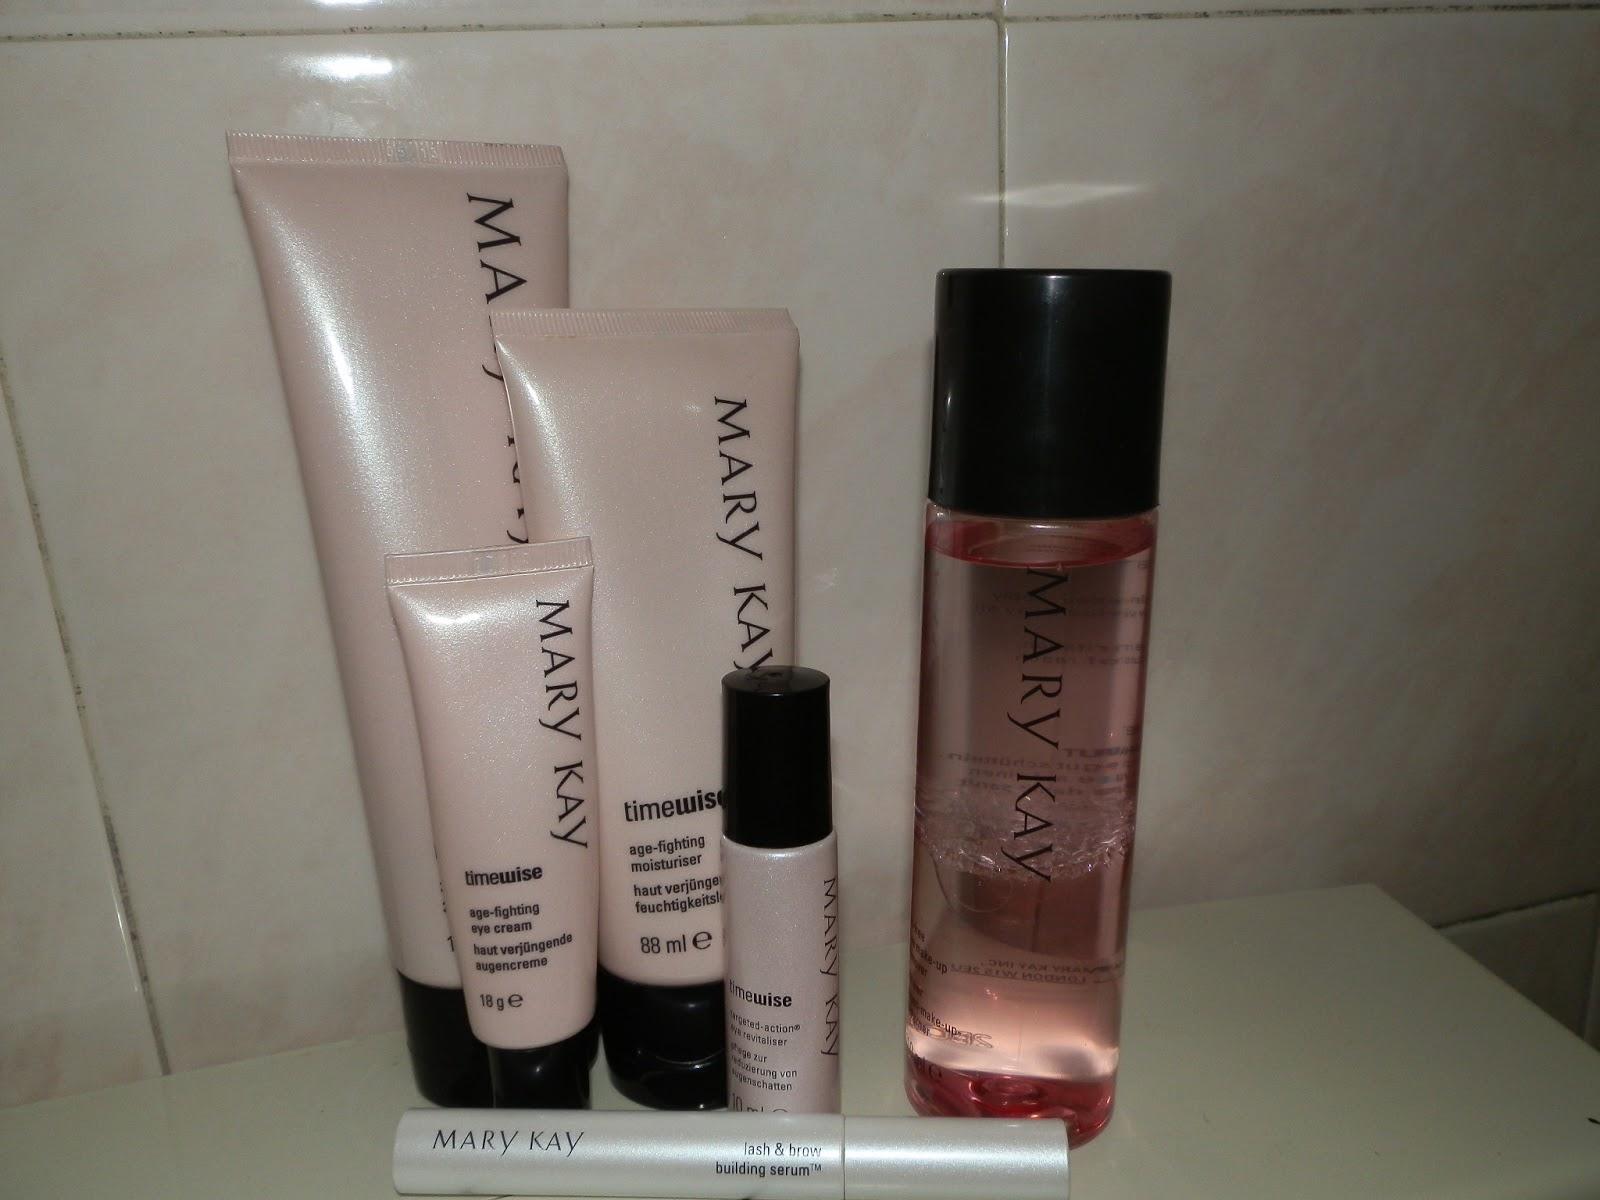 Produtos utilizados (todos da marca Mary Kay)